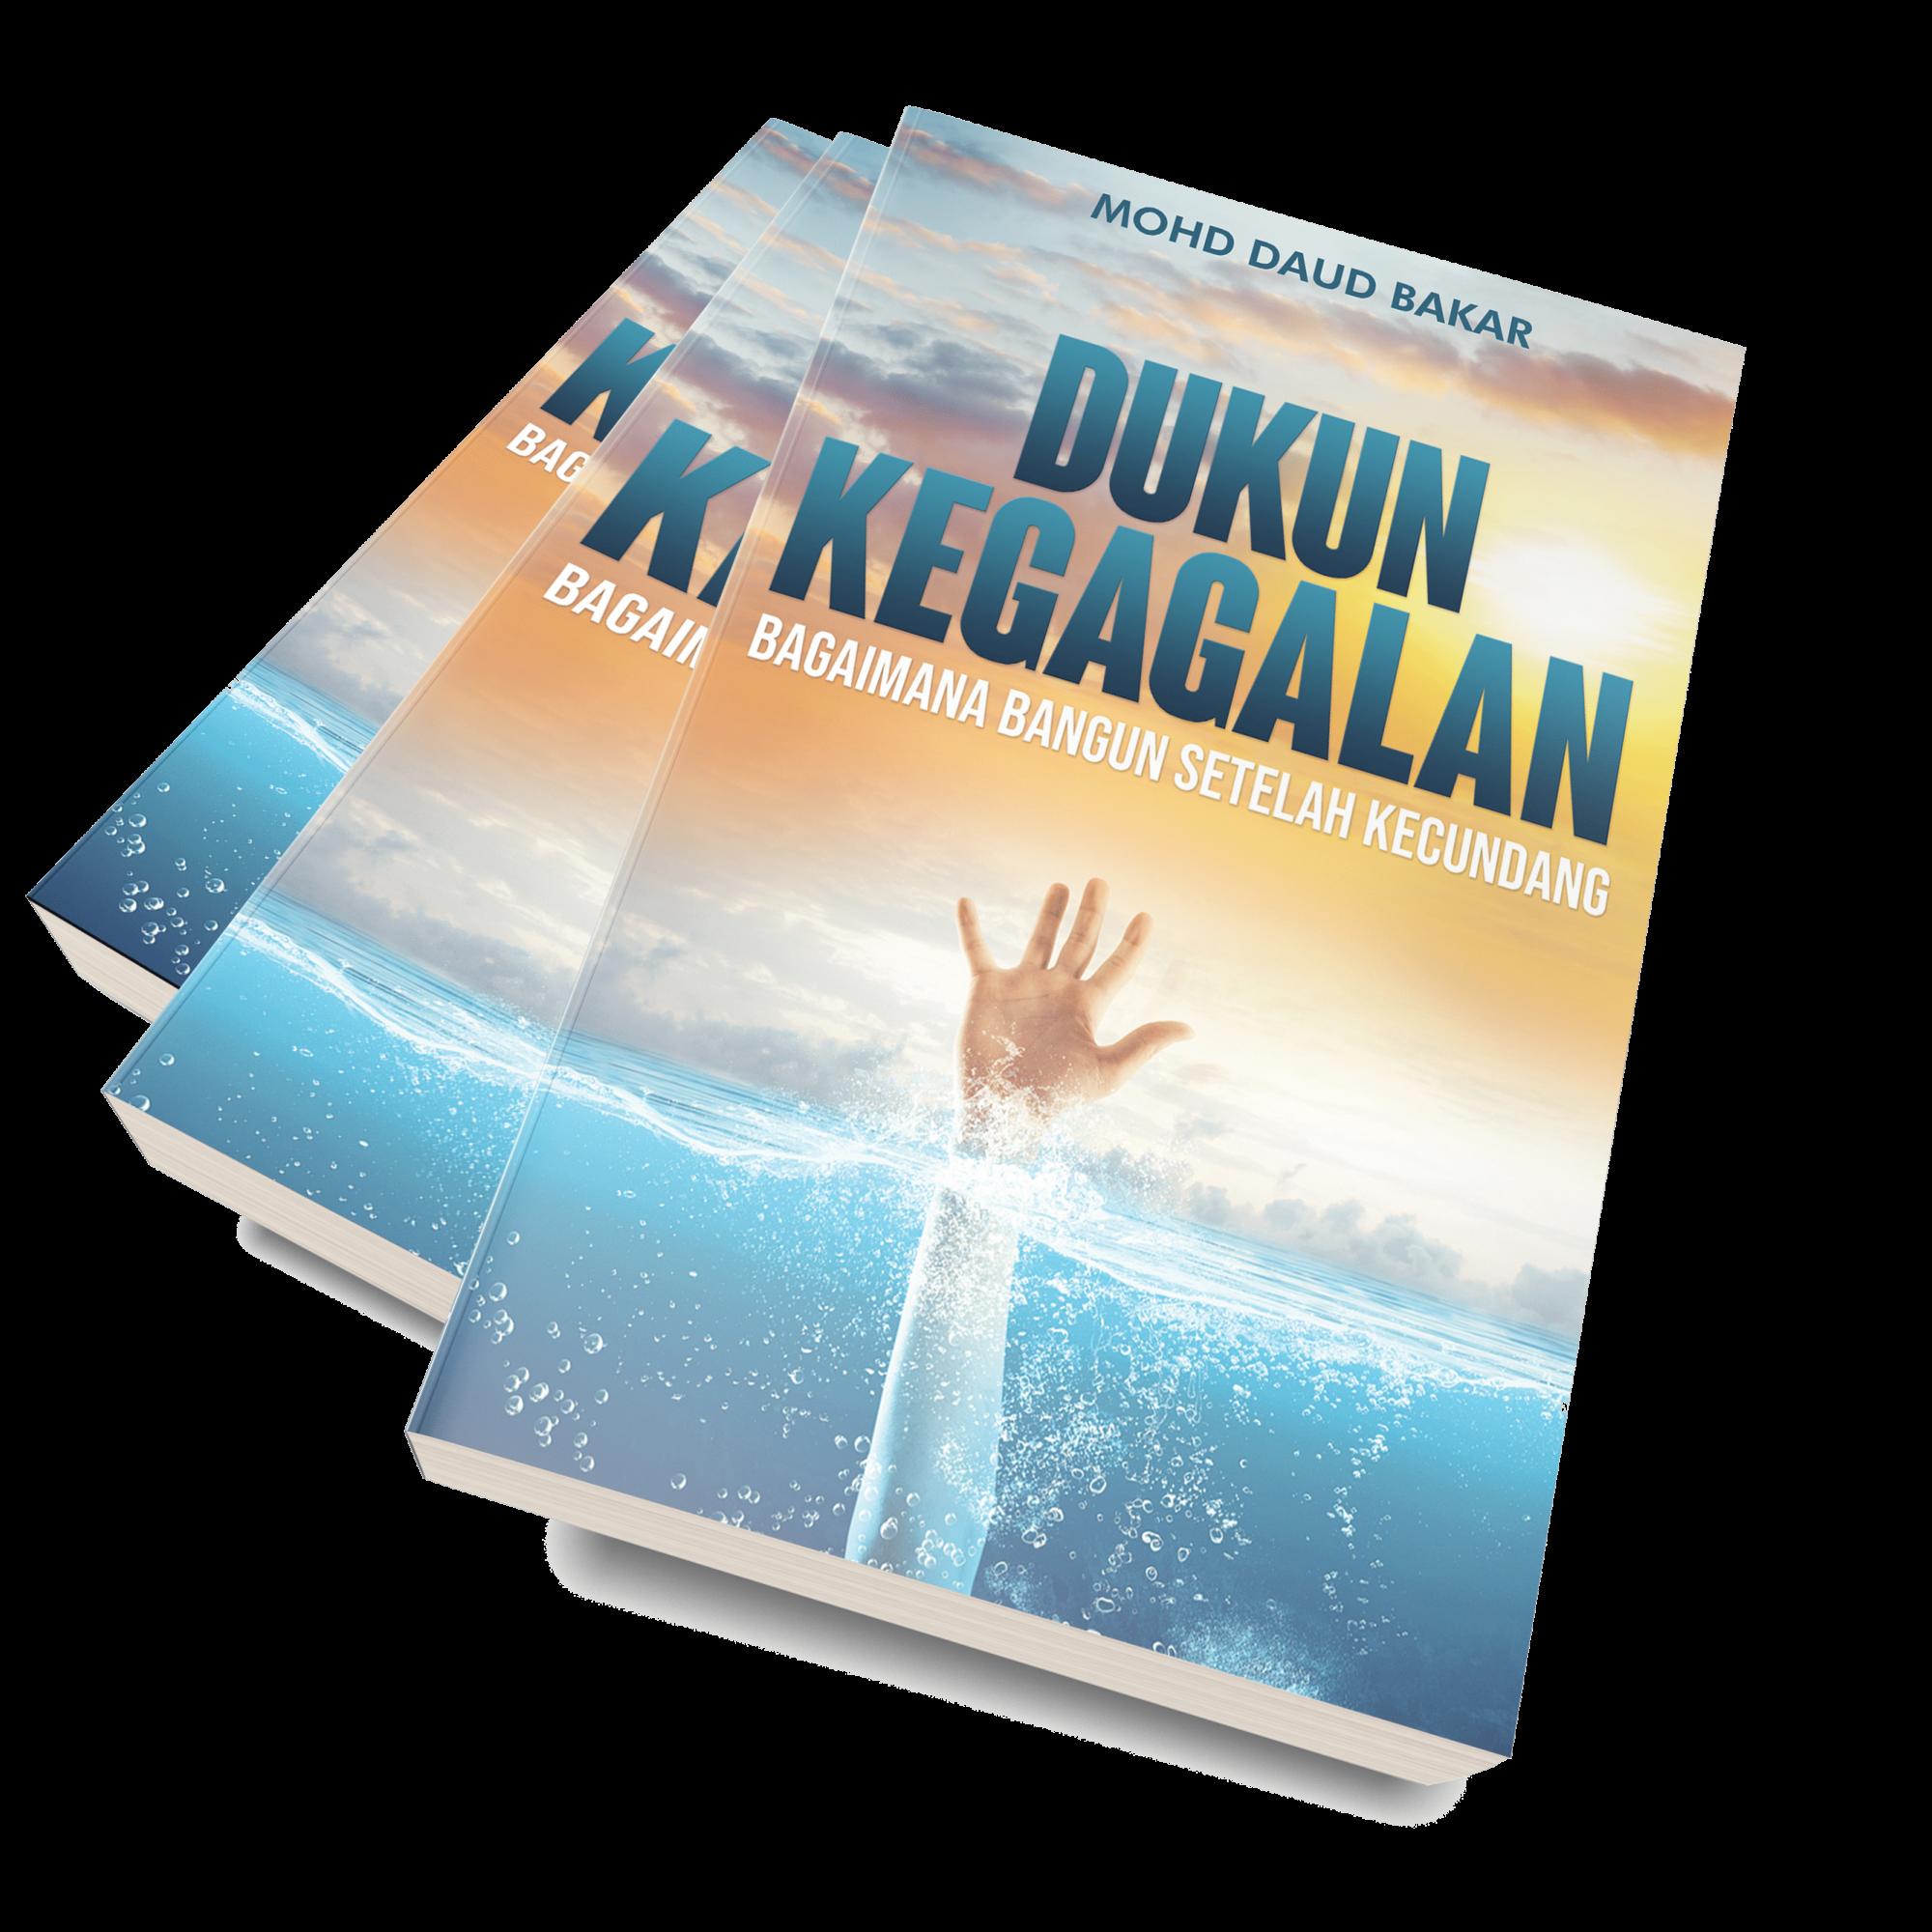 DUKUN BOOKS png (1)